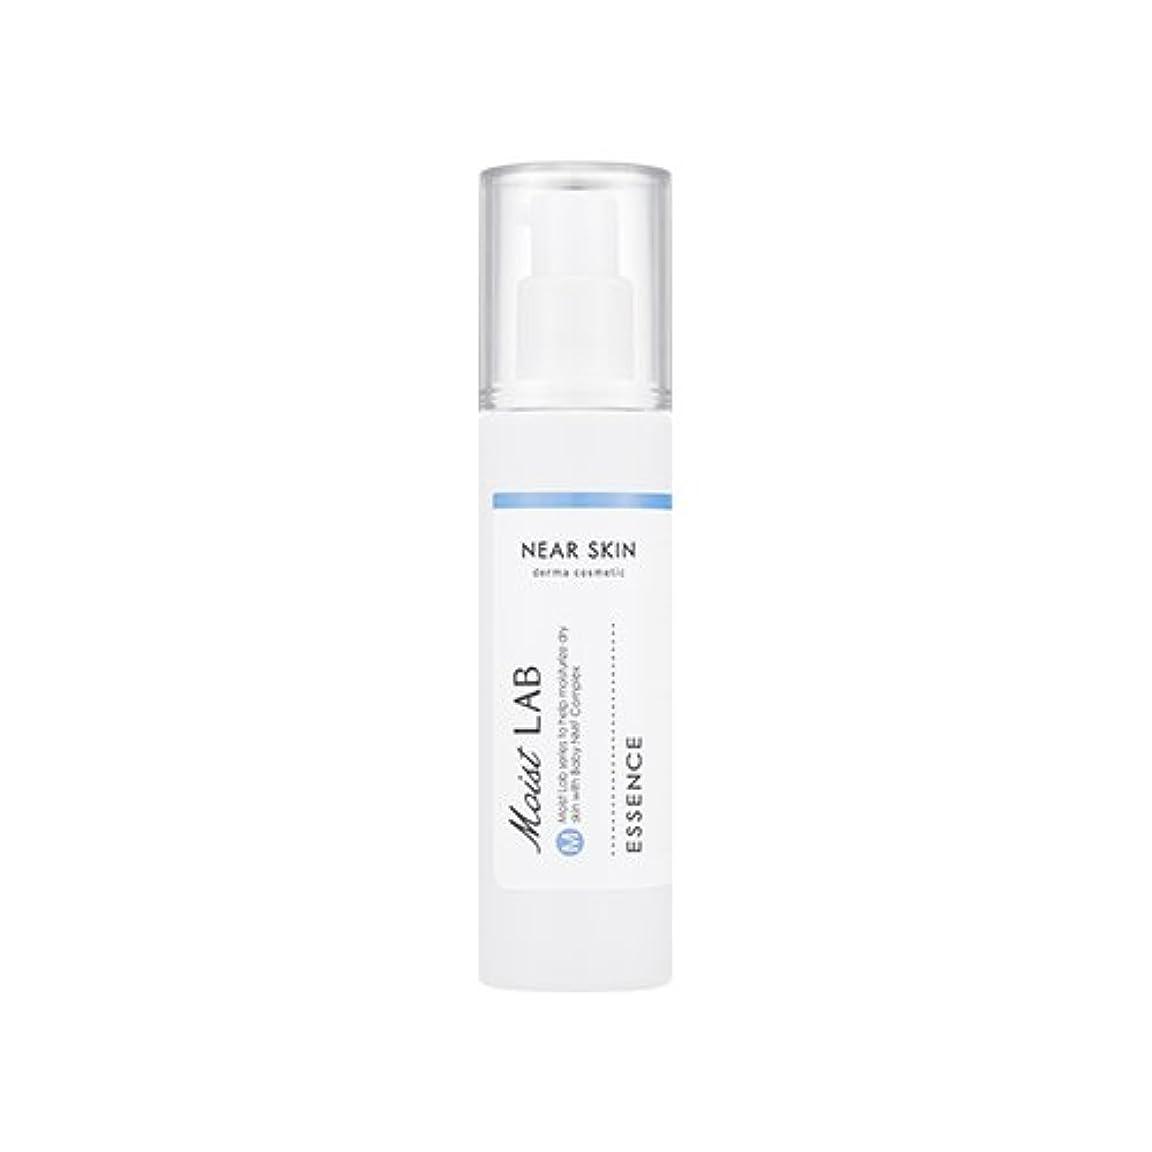 ウィンク小麦金属MISSHA NEAR SKIN Derma Cosmetic Moist LAB (Essence) / ミシャ ニアスキン ダーマコスメティックモイストラボ エッセンス 50ml [並行輸入品]